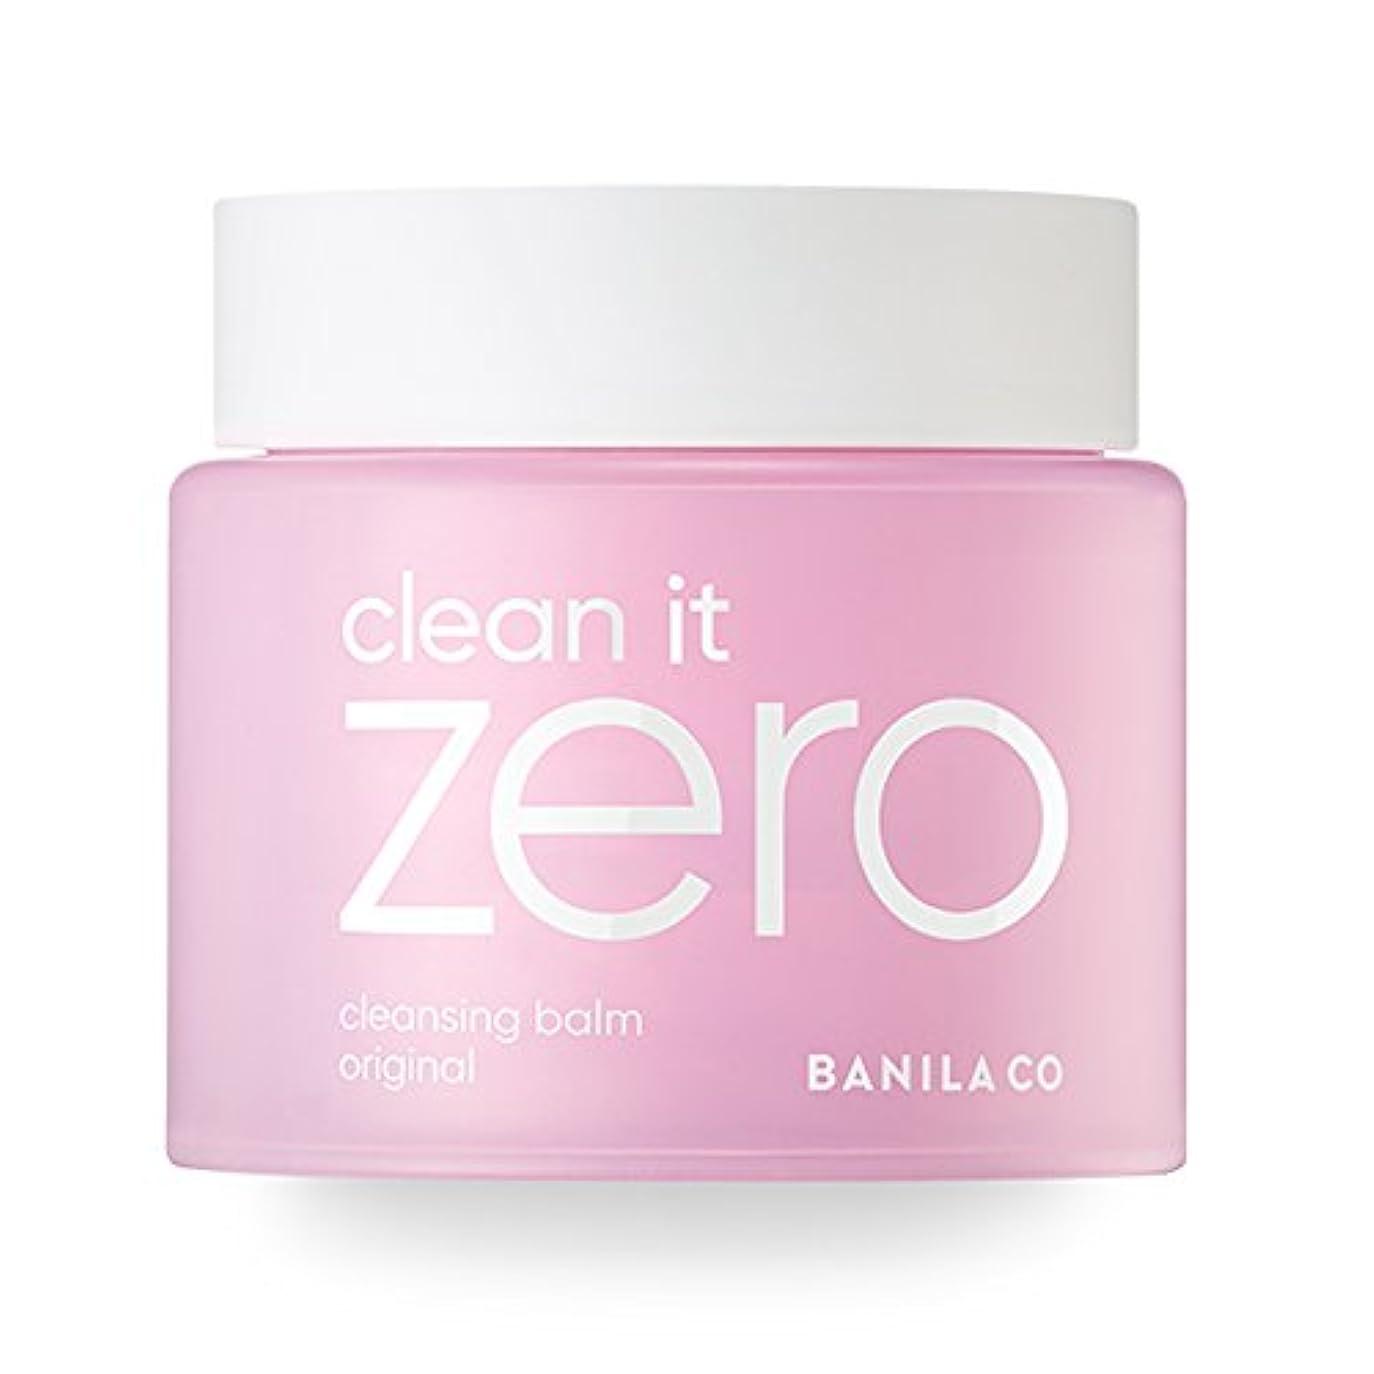 農業の組立すでにBANILA CO(バニラコ)公式ストア  バニラコ クリーン イット ゼロ クレンジング バーム オリジナル / Clean It Zero Cleansing Balm Original 180ml